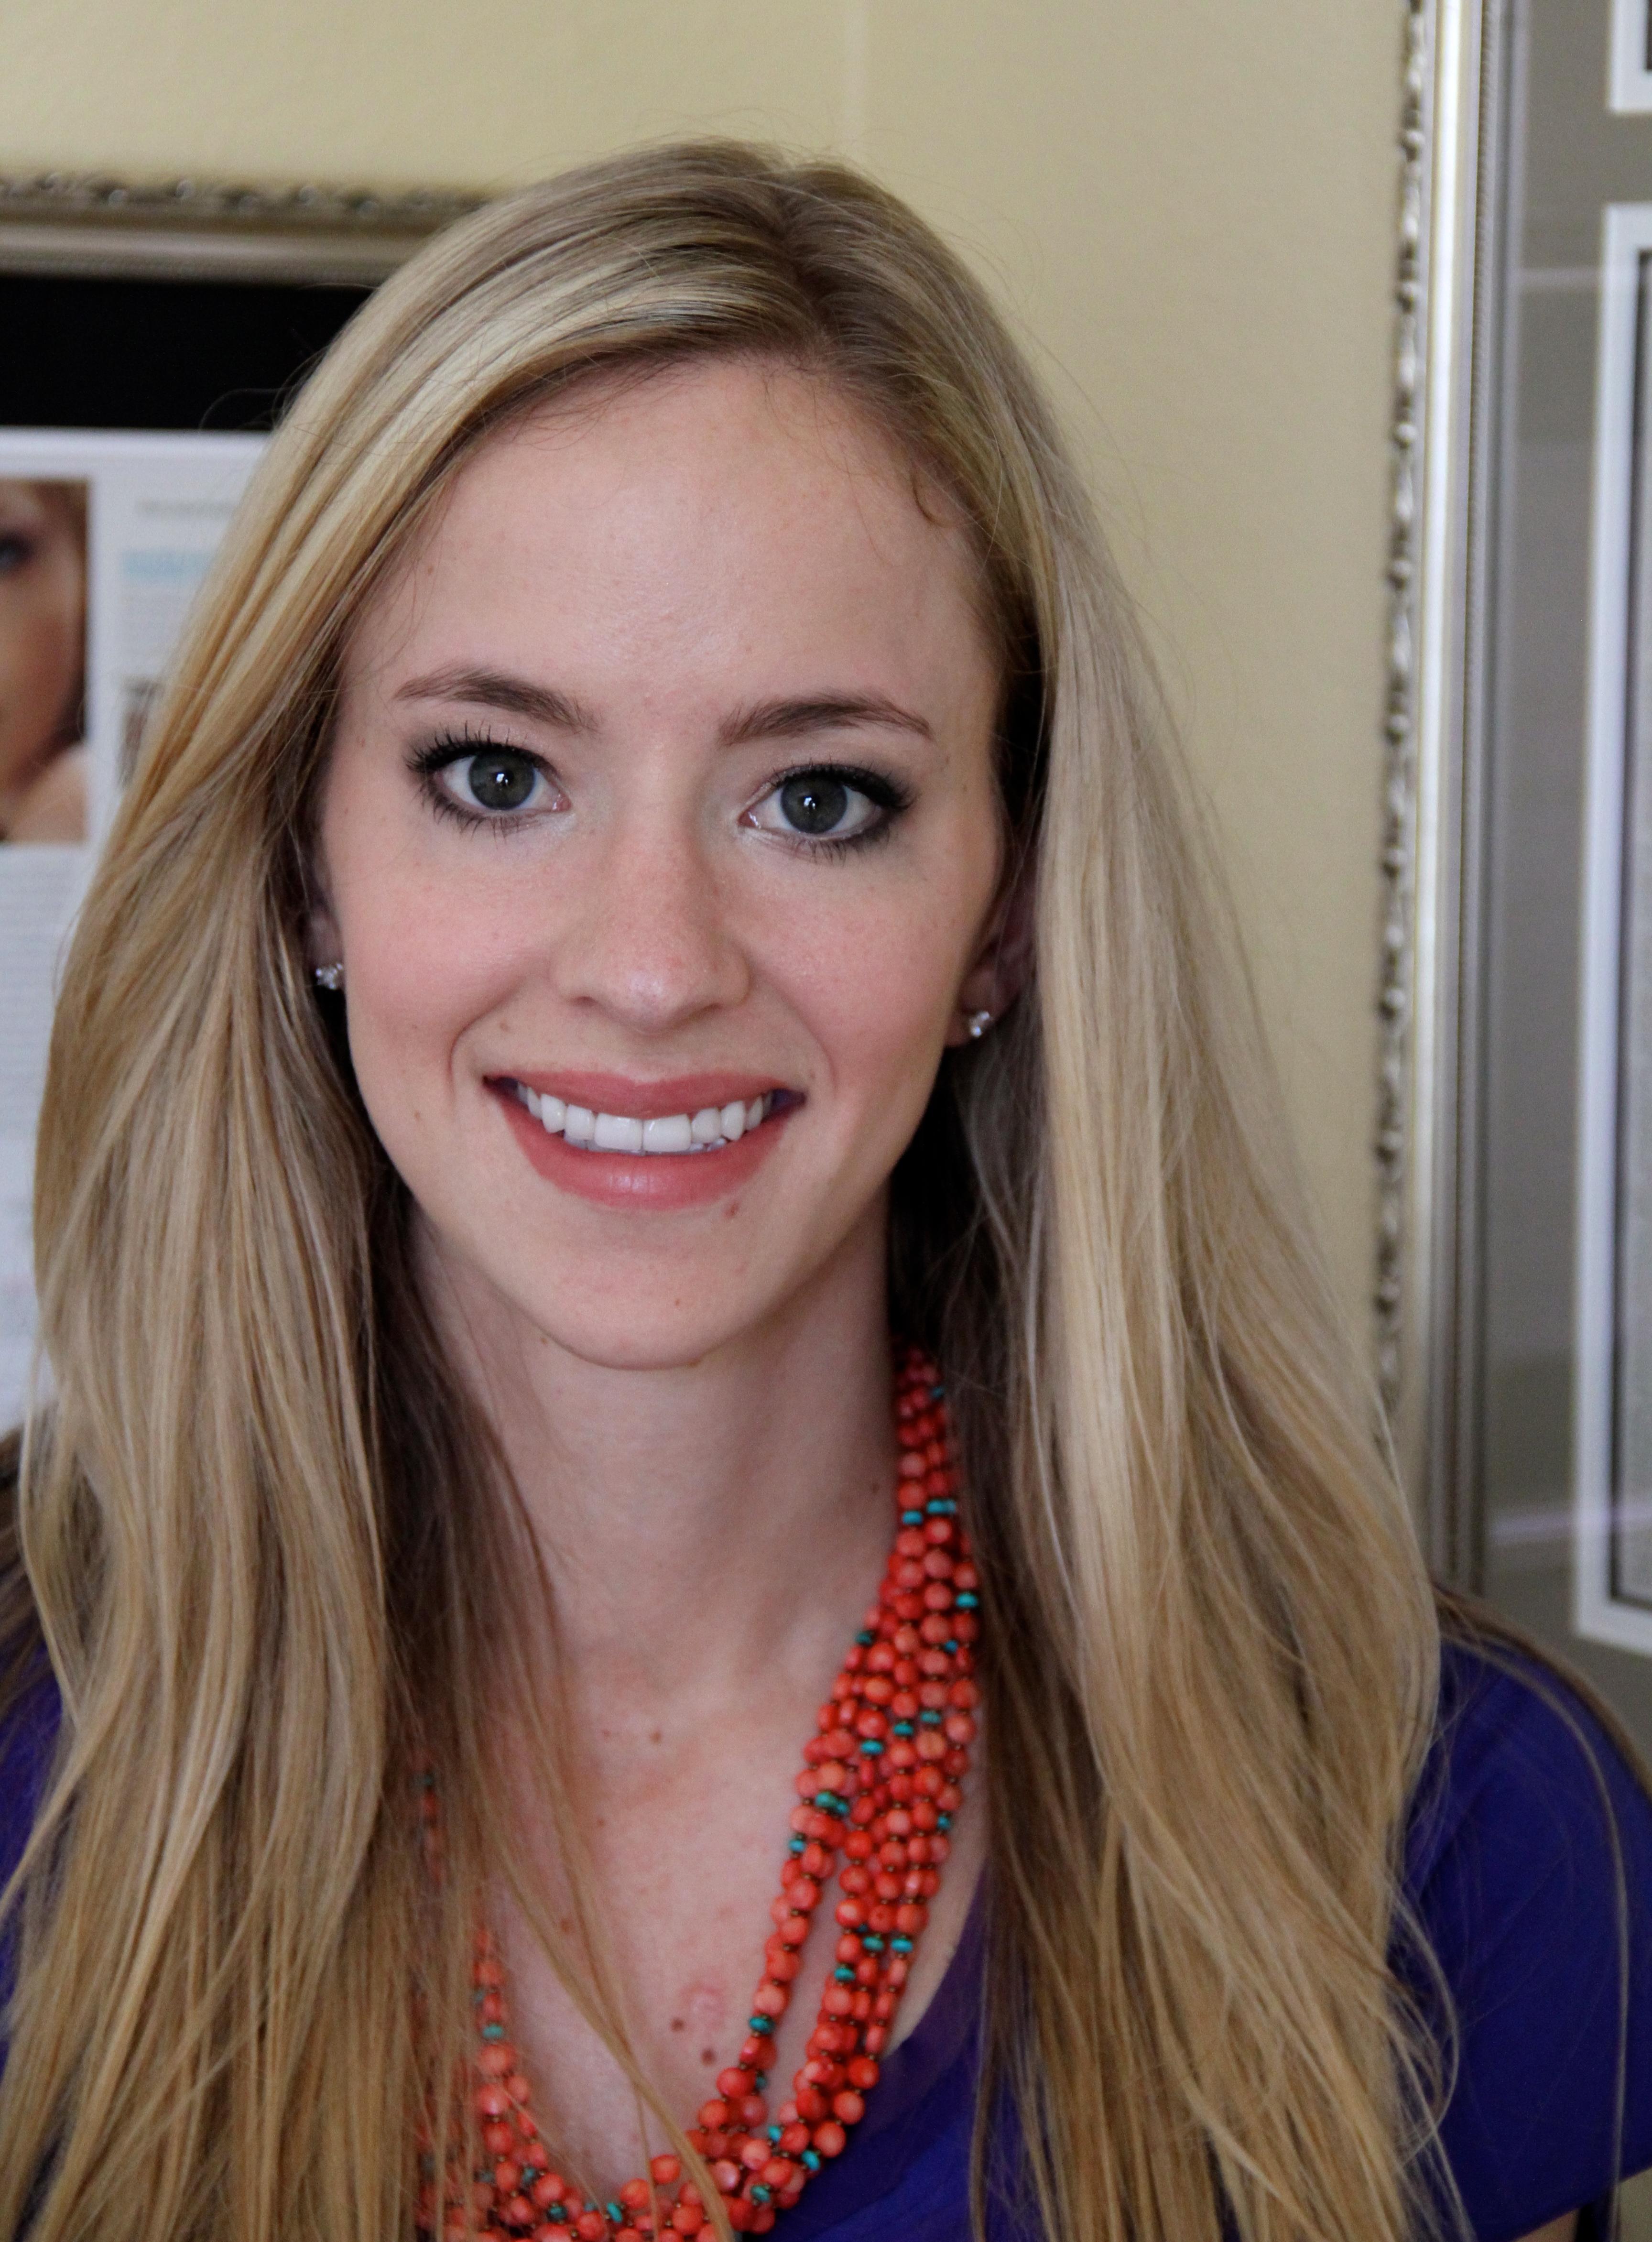 Makeup Before and After: Elizabeth Arden Meets The Girl Next Door